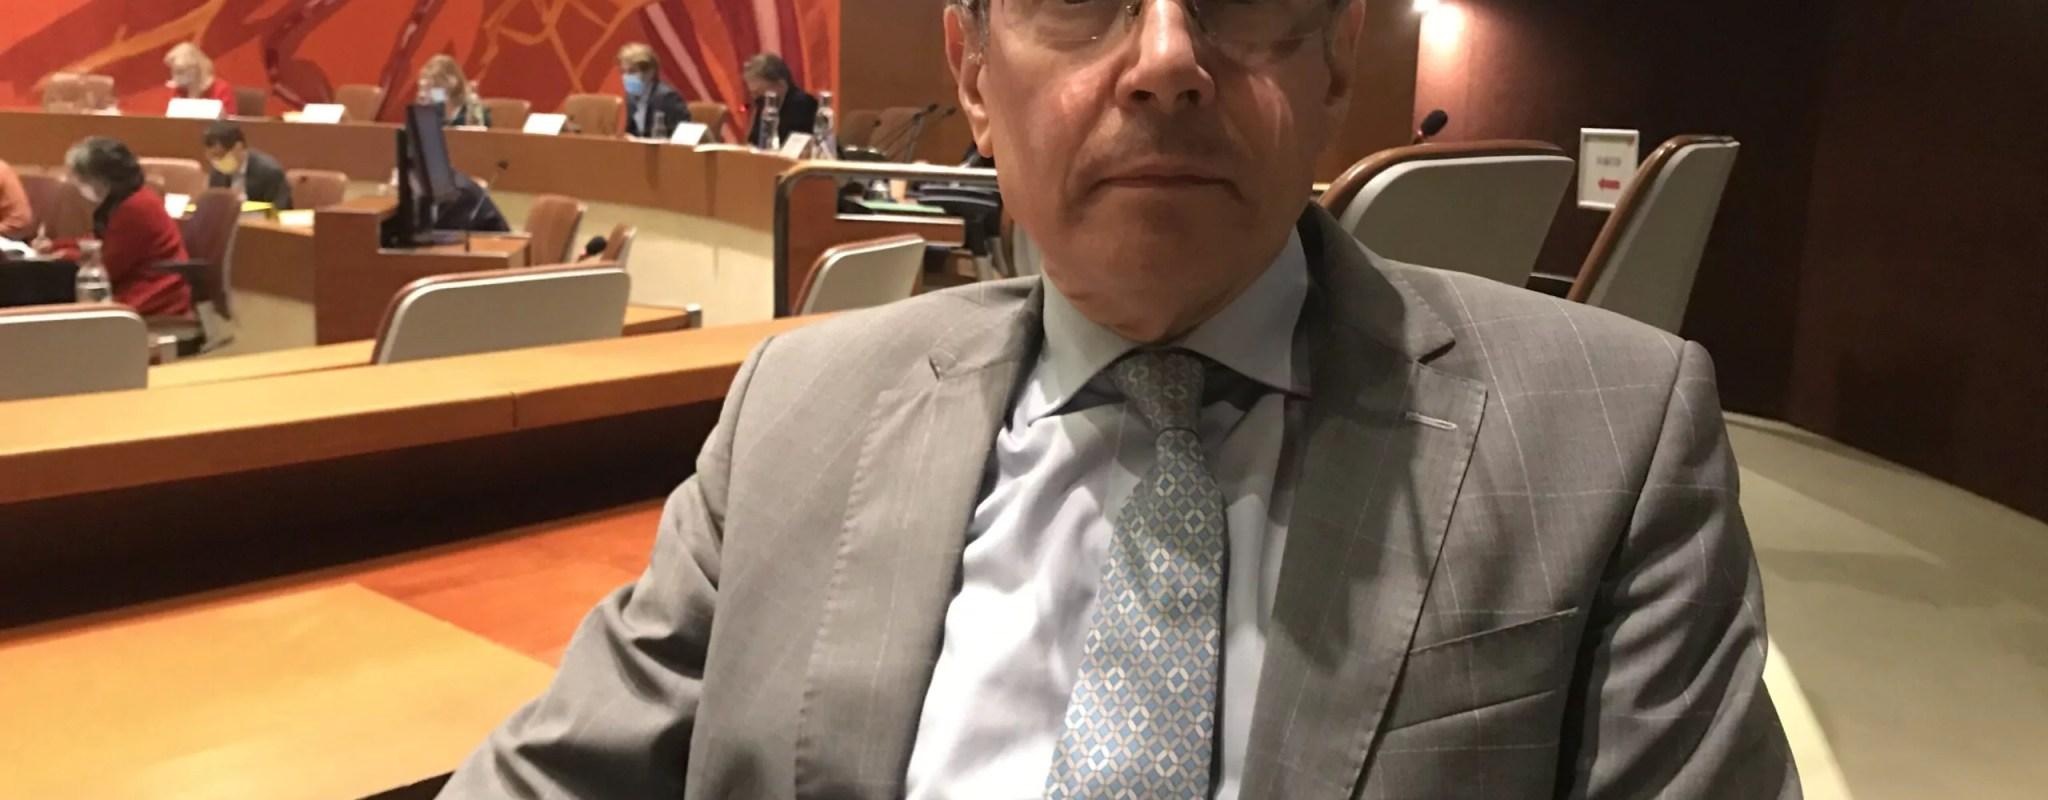 Christian Mestre démissionne de ses fonctions de déontologue de l'Eurométropole